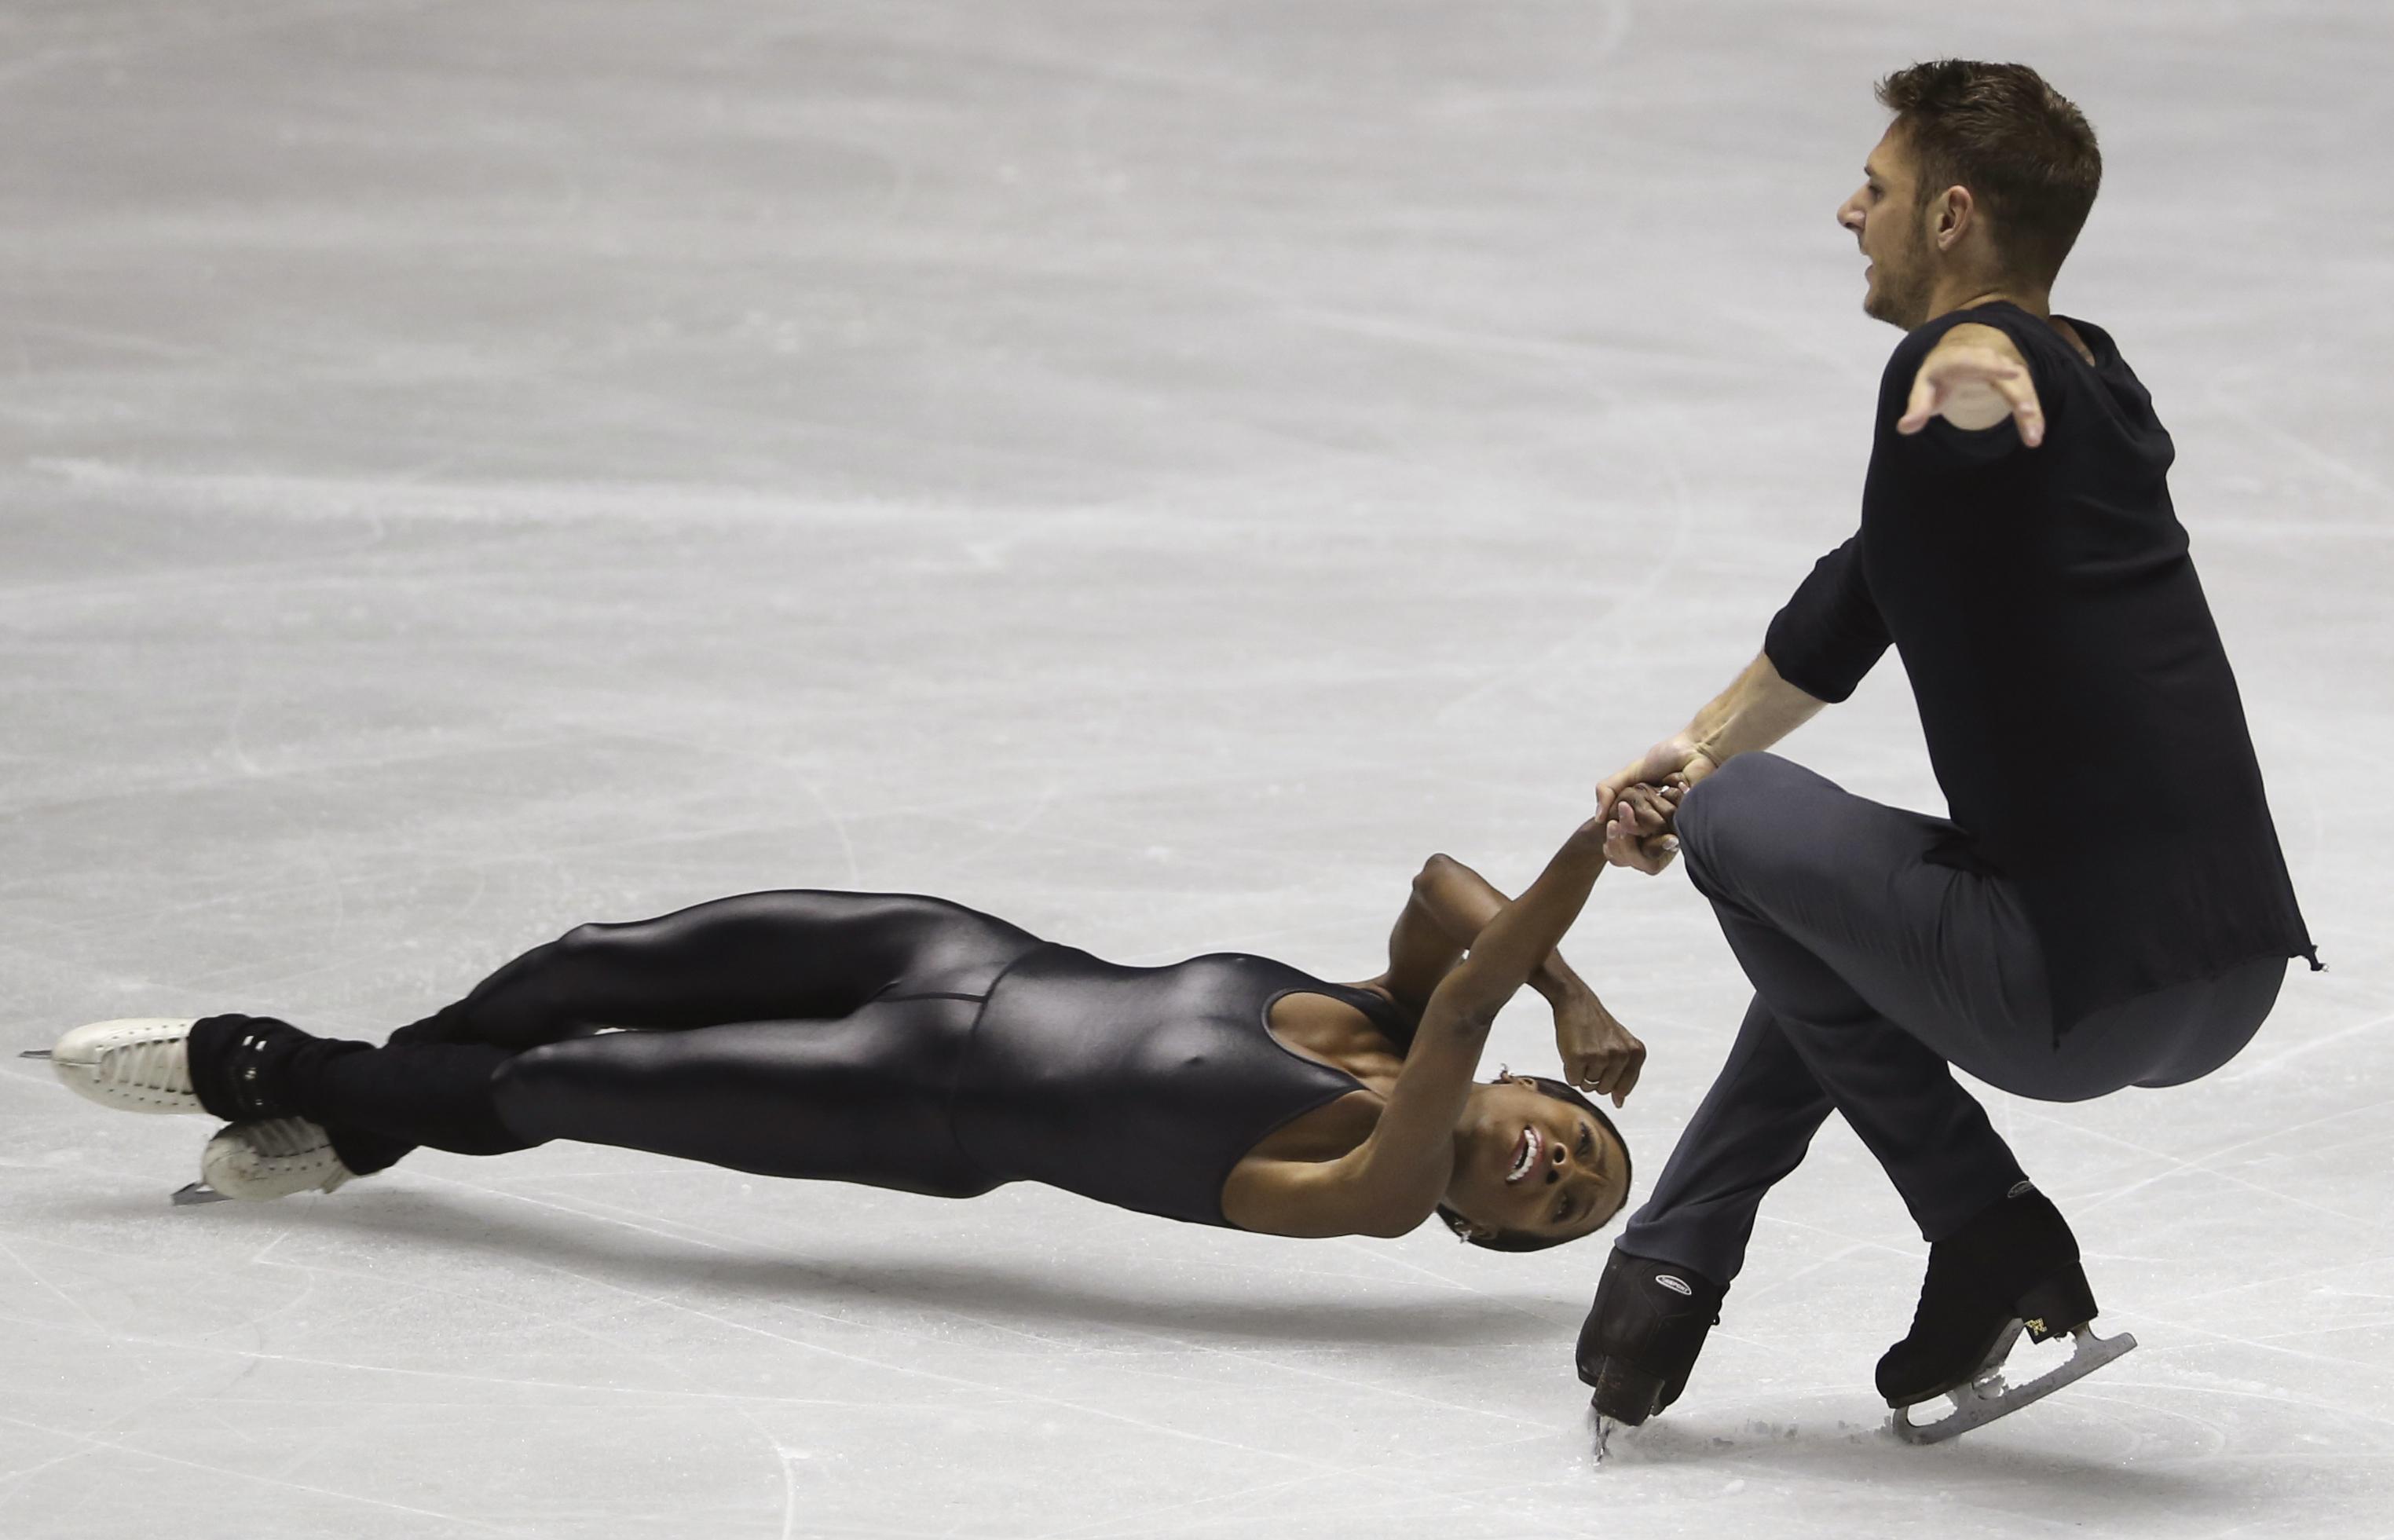 French pair Vanessa James and Morgan Cipres perform during their pairs free skating of World Team Trophy Figure Skating in Tokyo, Saturday, April 22, 2017. (AP Photo/Koji Sasahara)